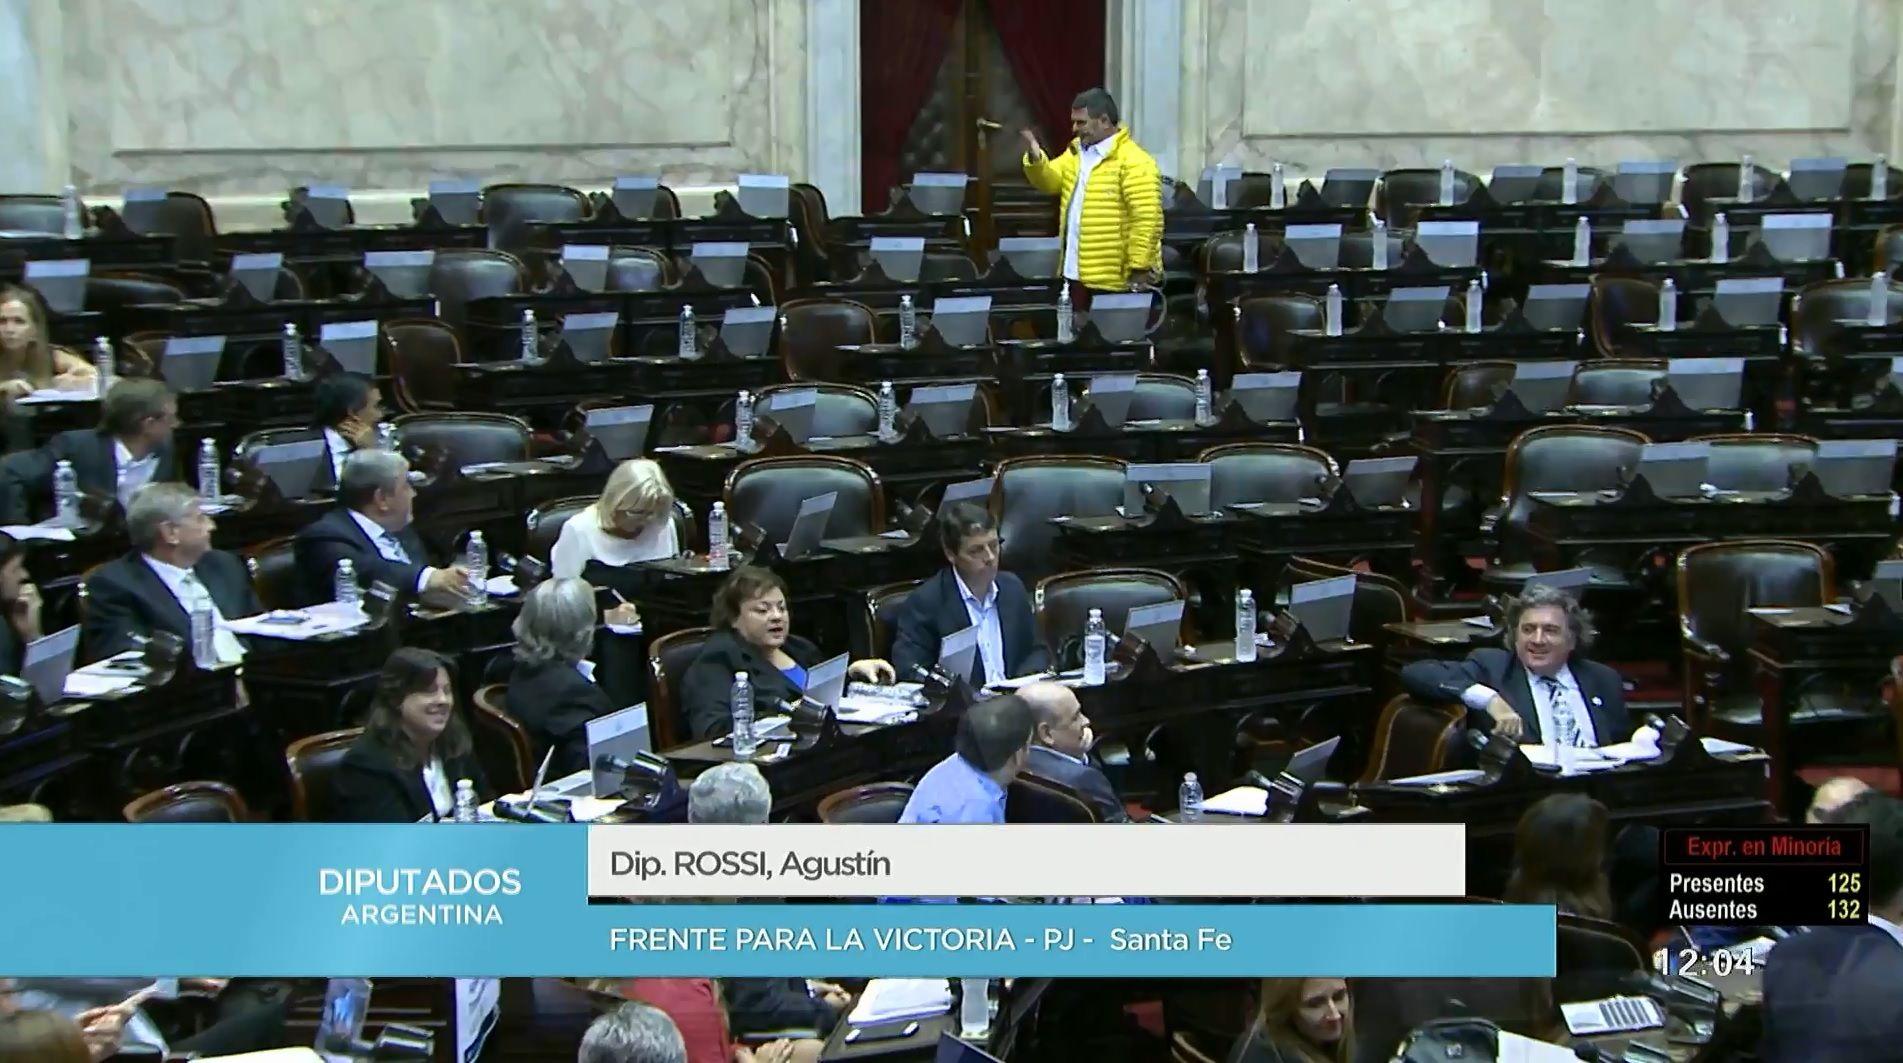 El diputado Olmedo dejó sin quórum la sesión contra el tarifazo, volvió y le llovieron insultos